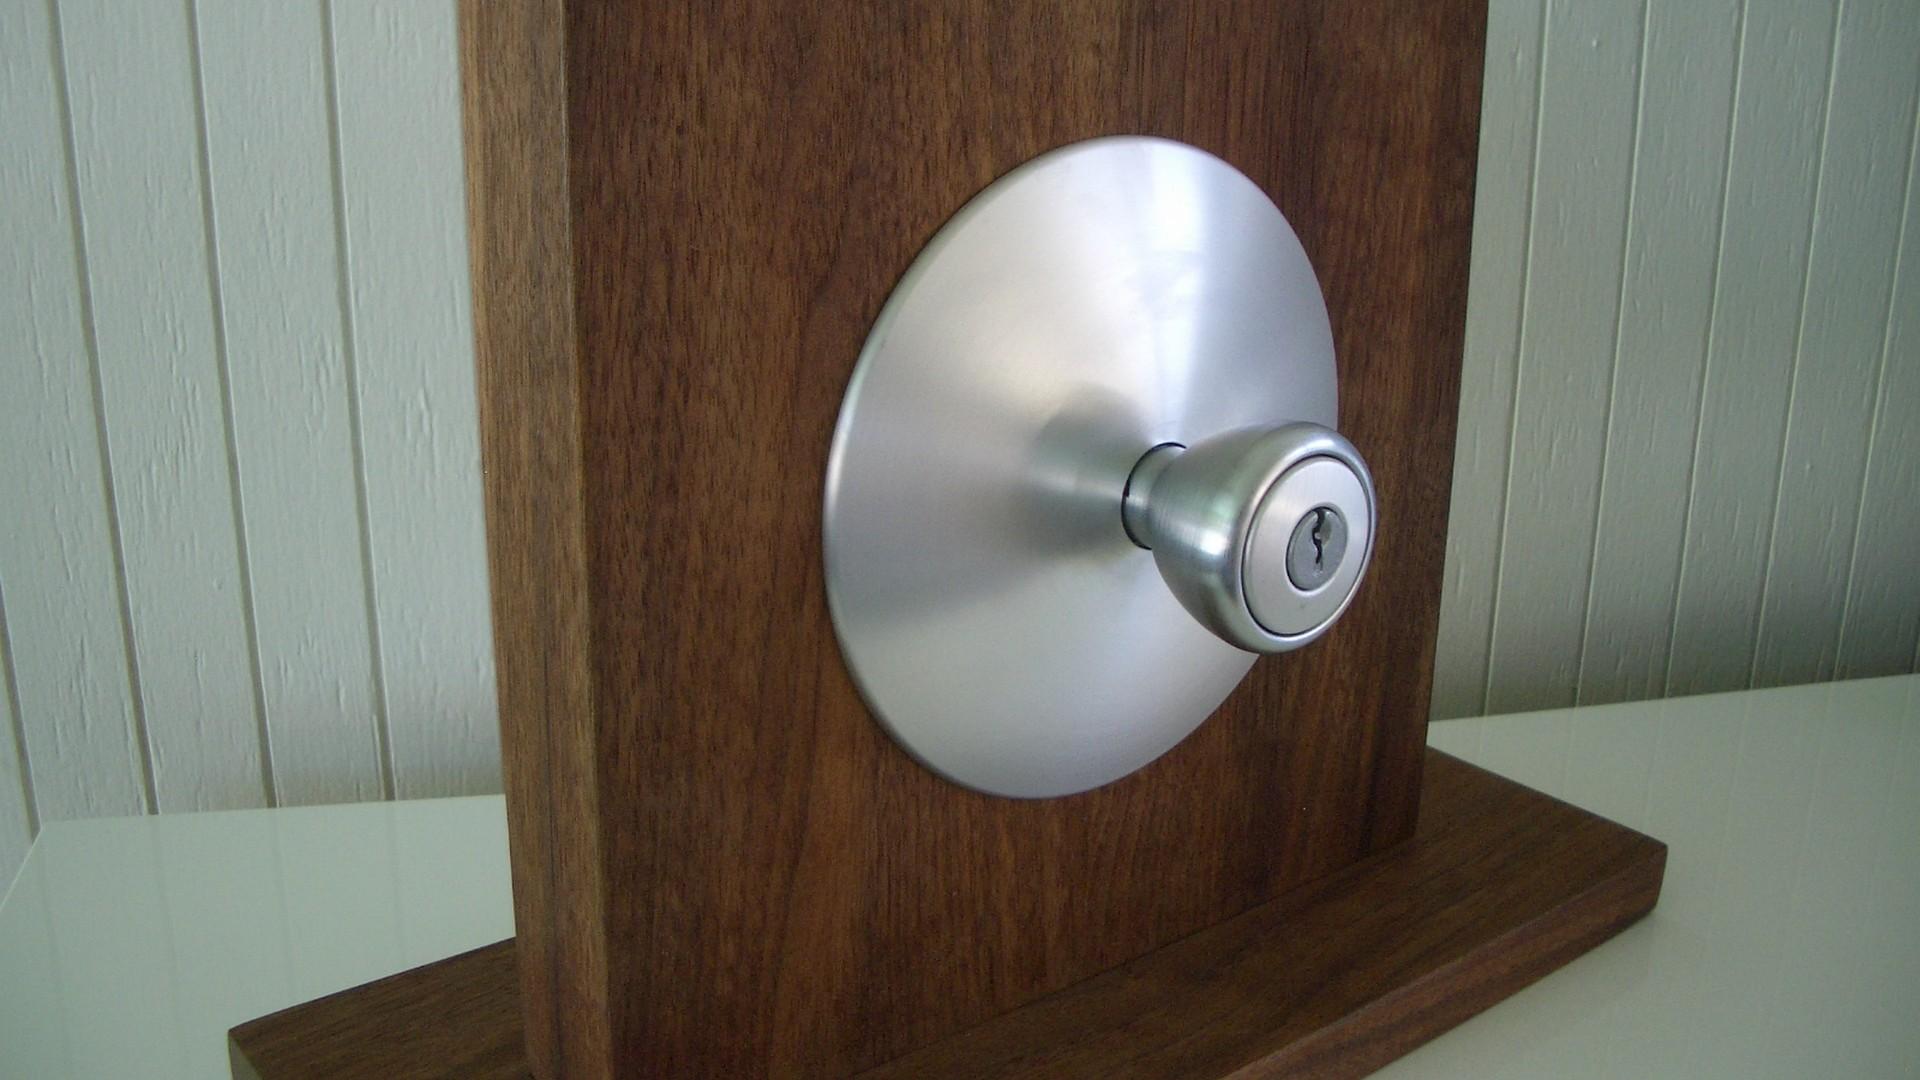 Mid century modern front doors for sale - Eichler Door Kit Escutcheon